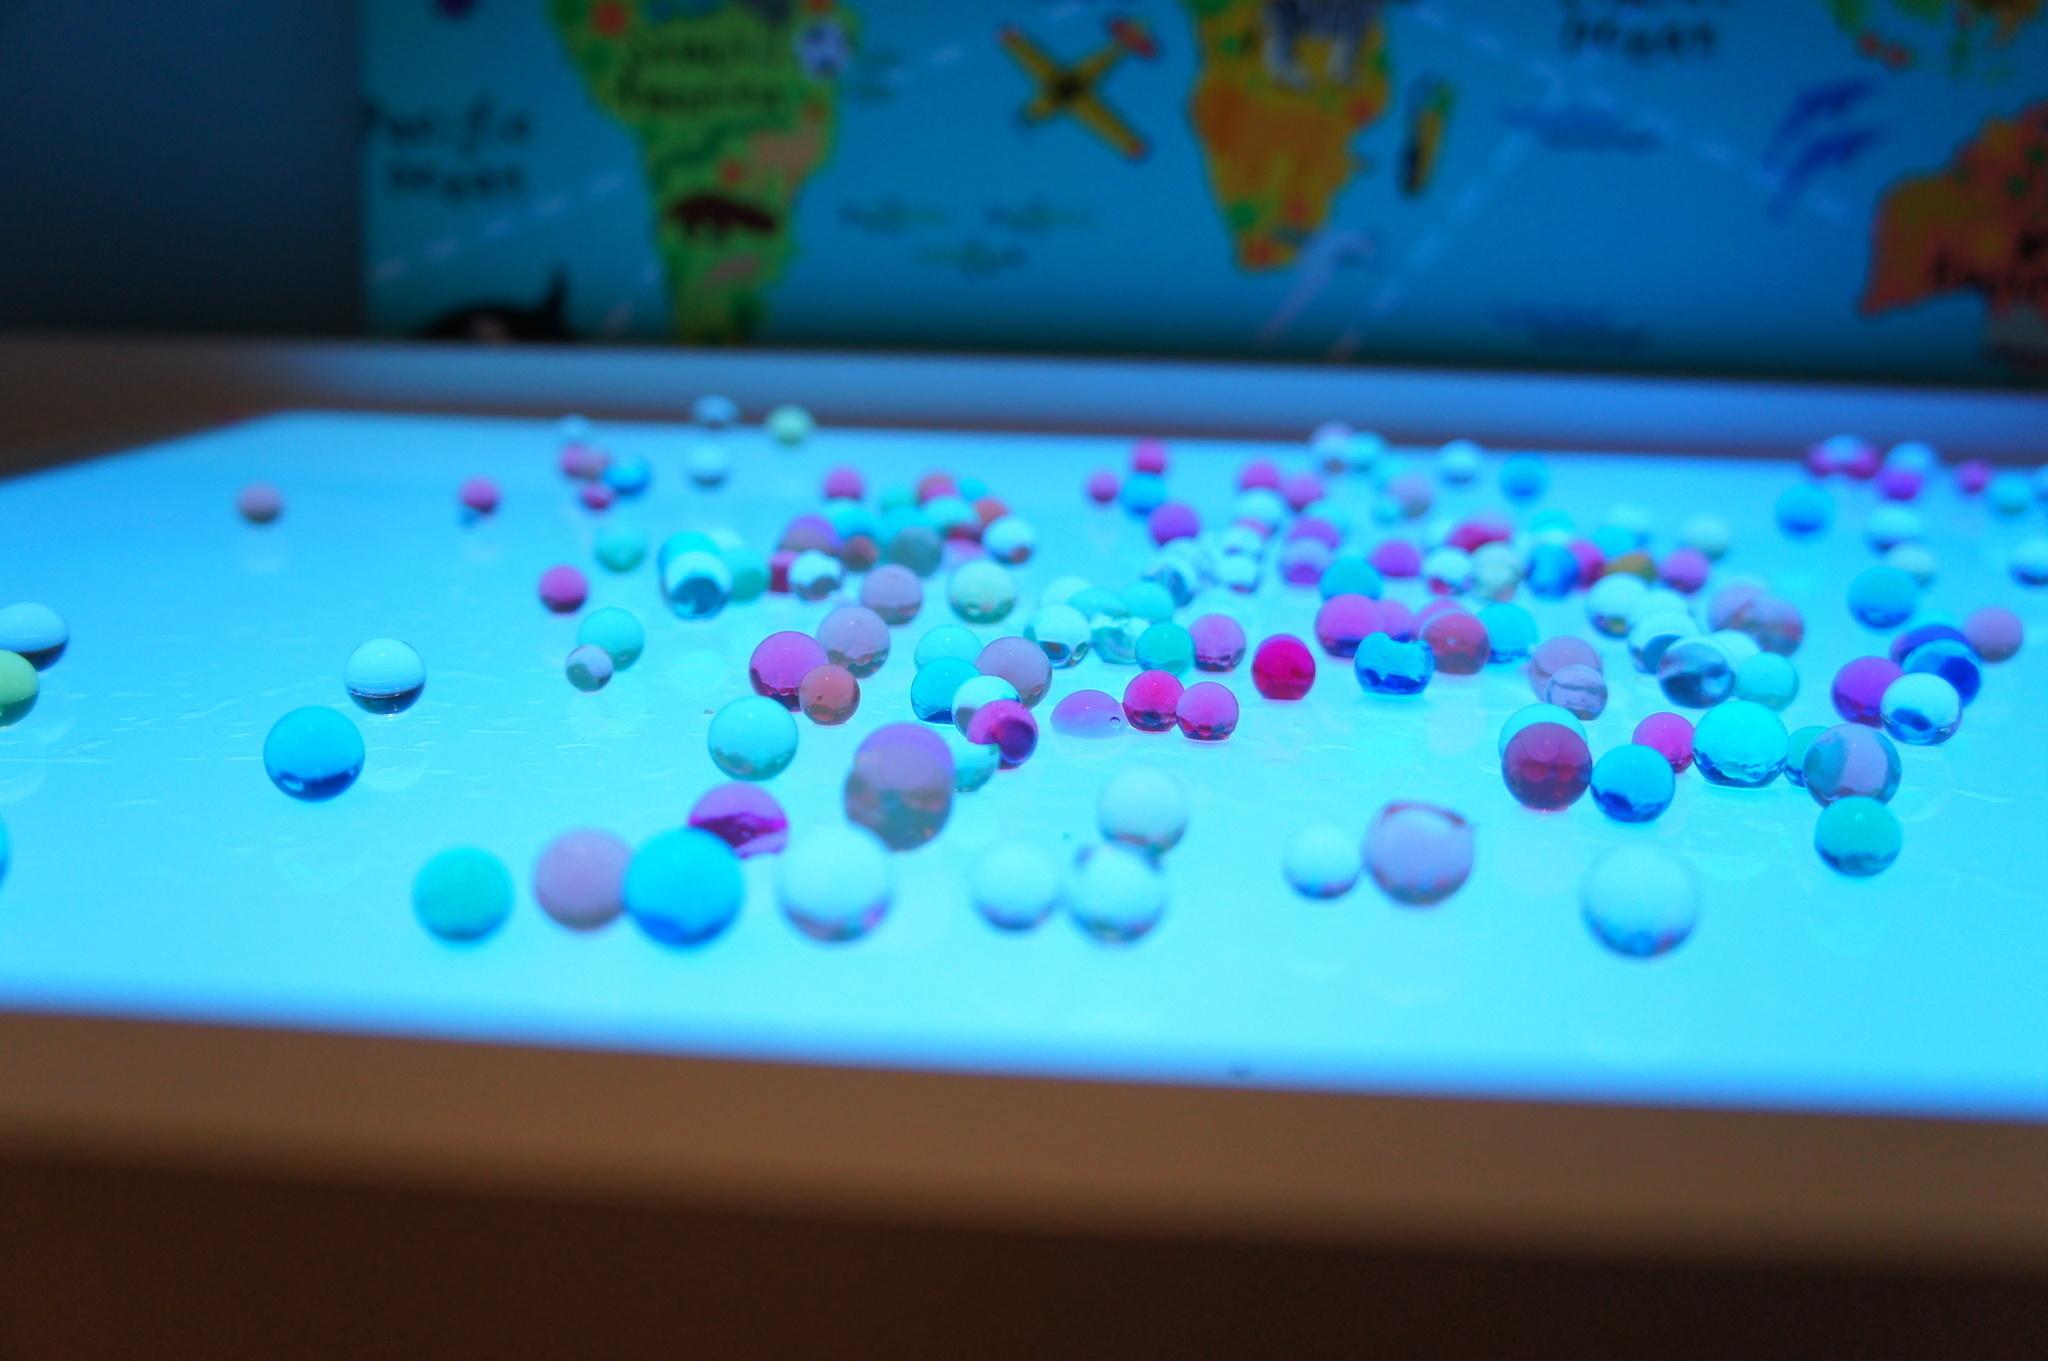 гидрогелевые шарики на световом планшете Myplayroom